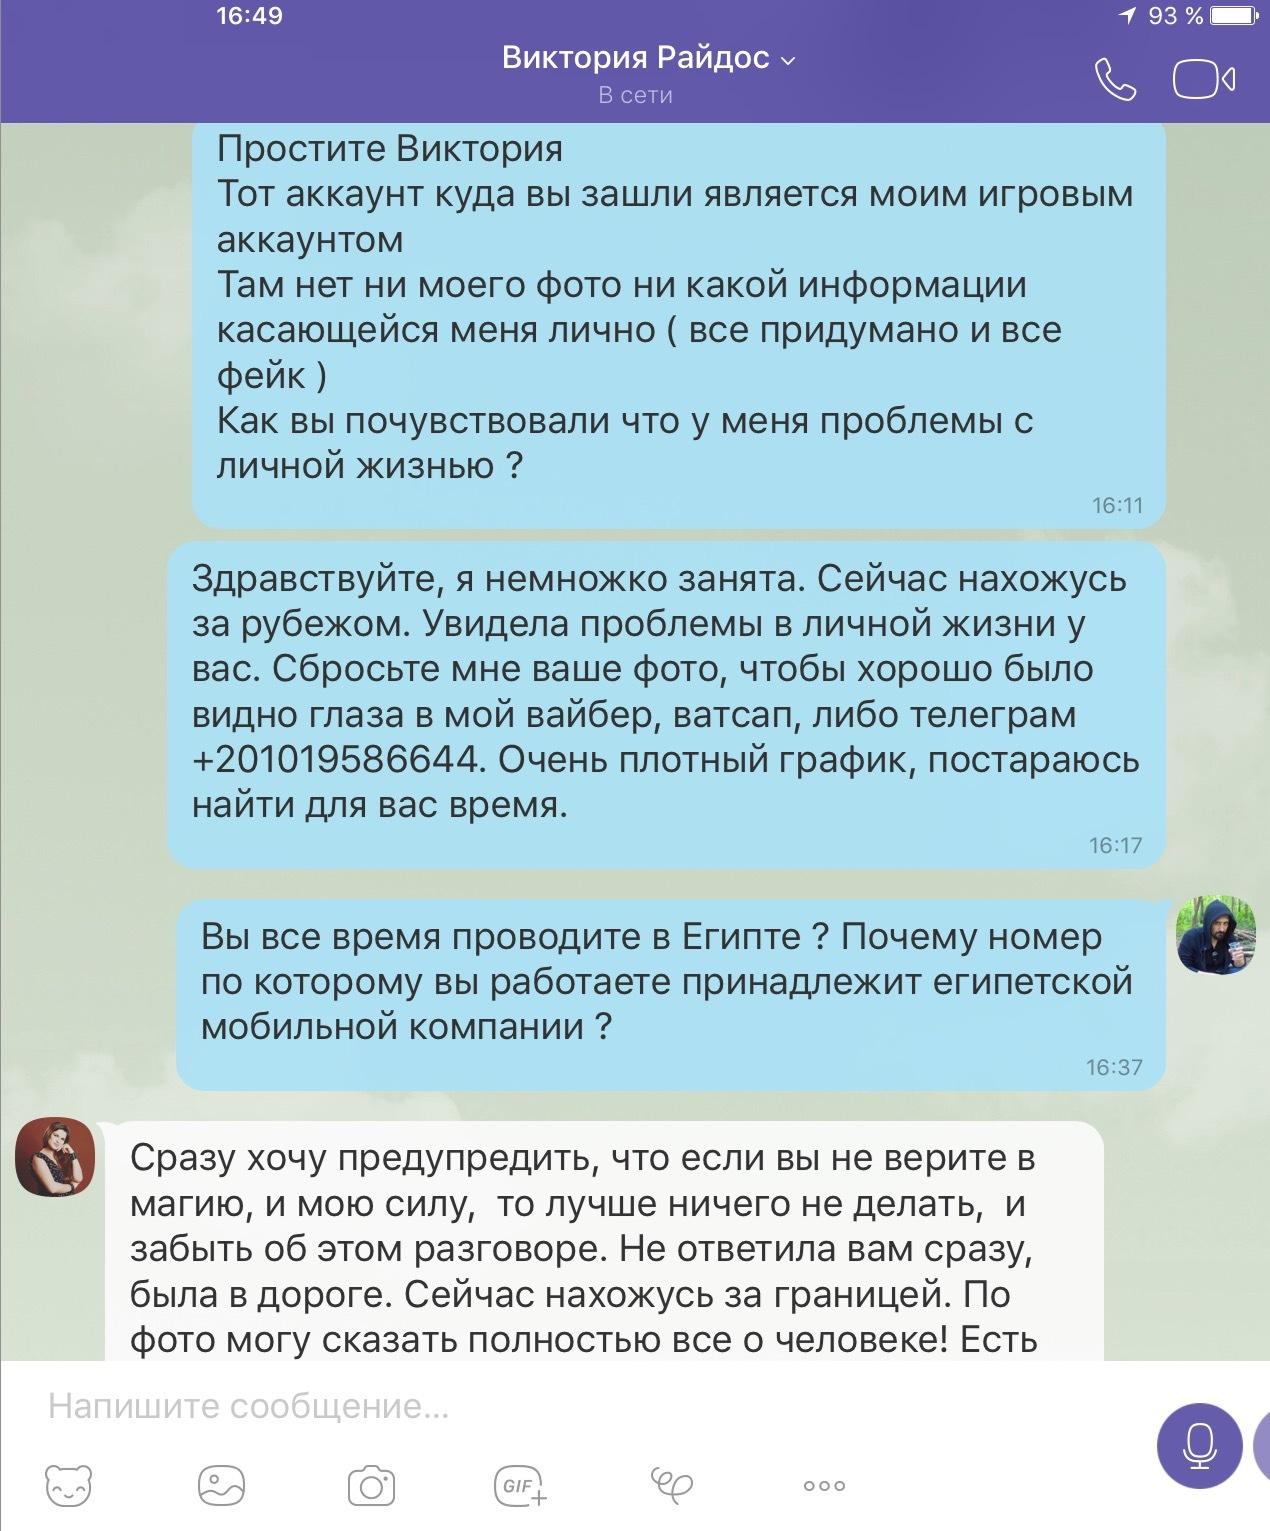 Ипотека отзывы сбербанк банки ру